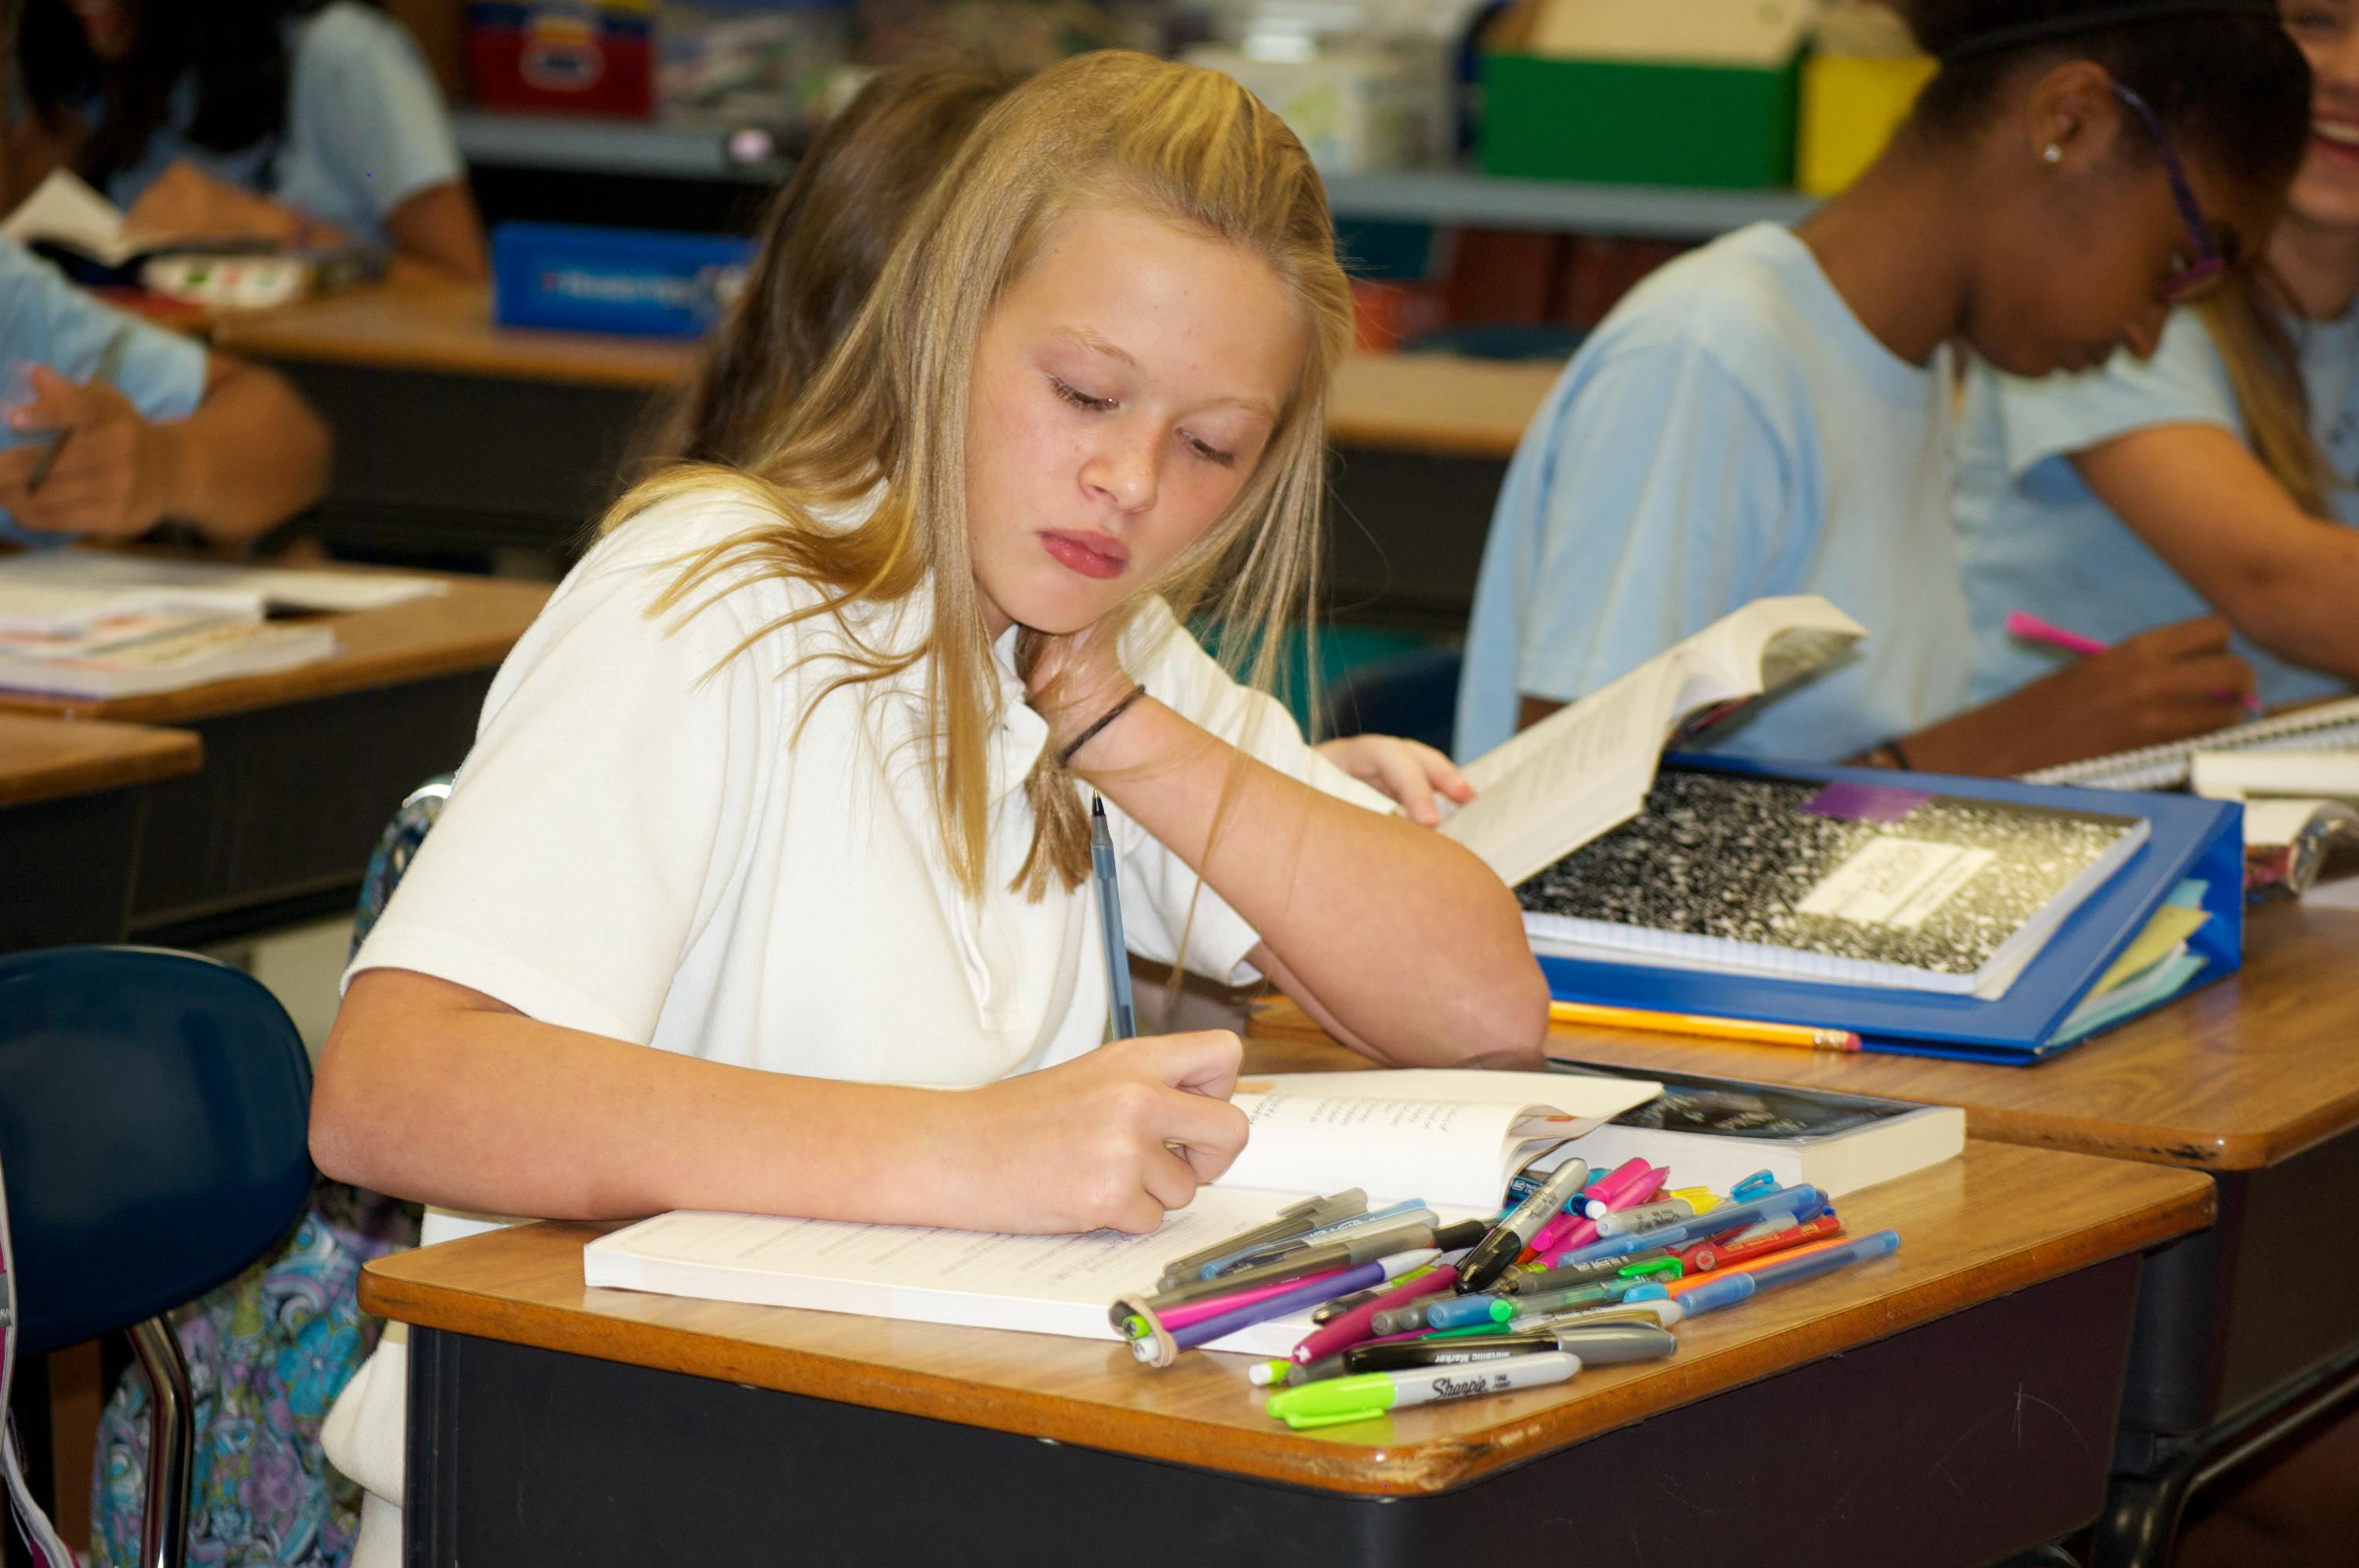 Assessments - Miscellaneous - St  Louis Catholic School